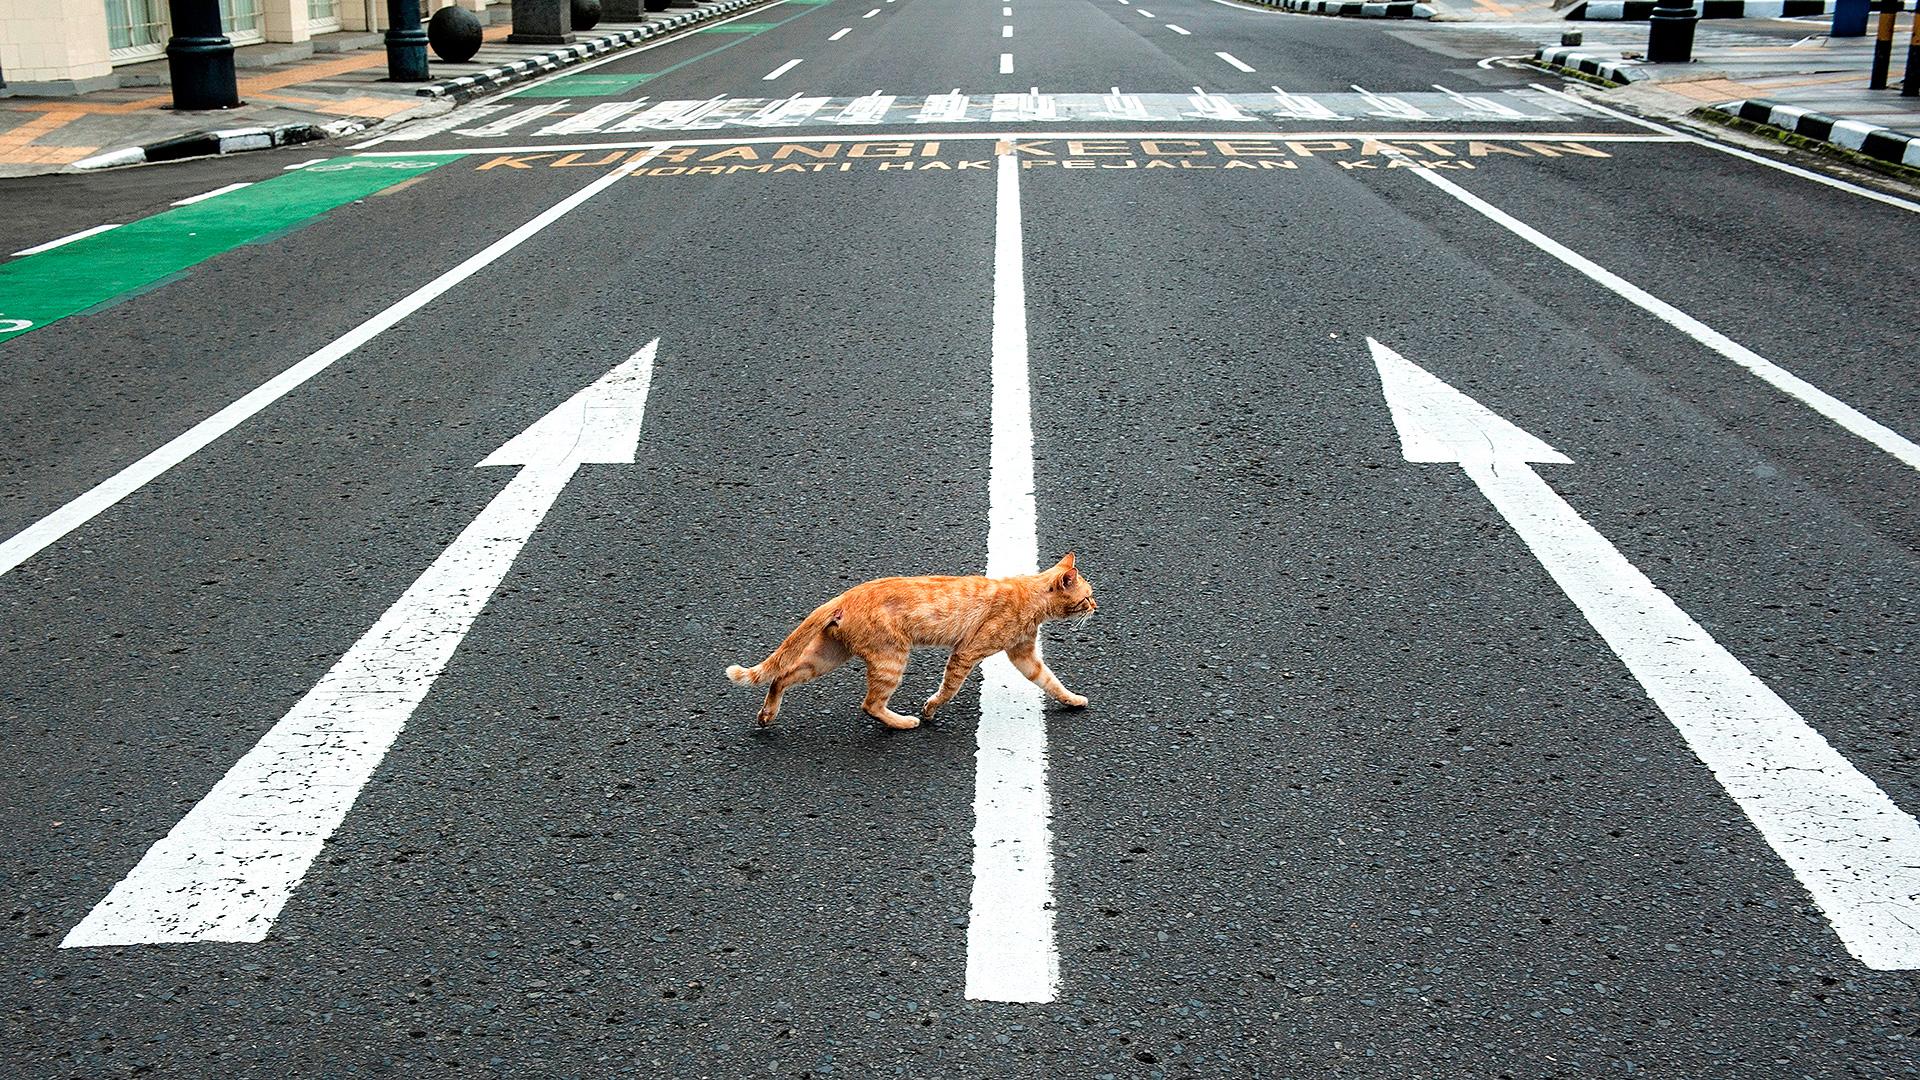 Los gatos han recuperado las calles en varias de las ciudades paralizadas por la pandemia. En este caso, un gato pasea por las calles de Indonesia